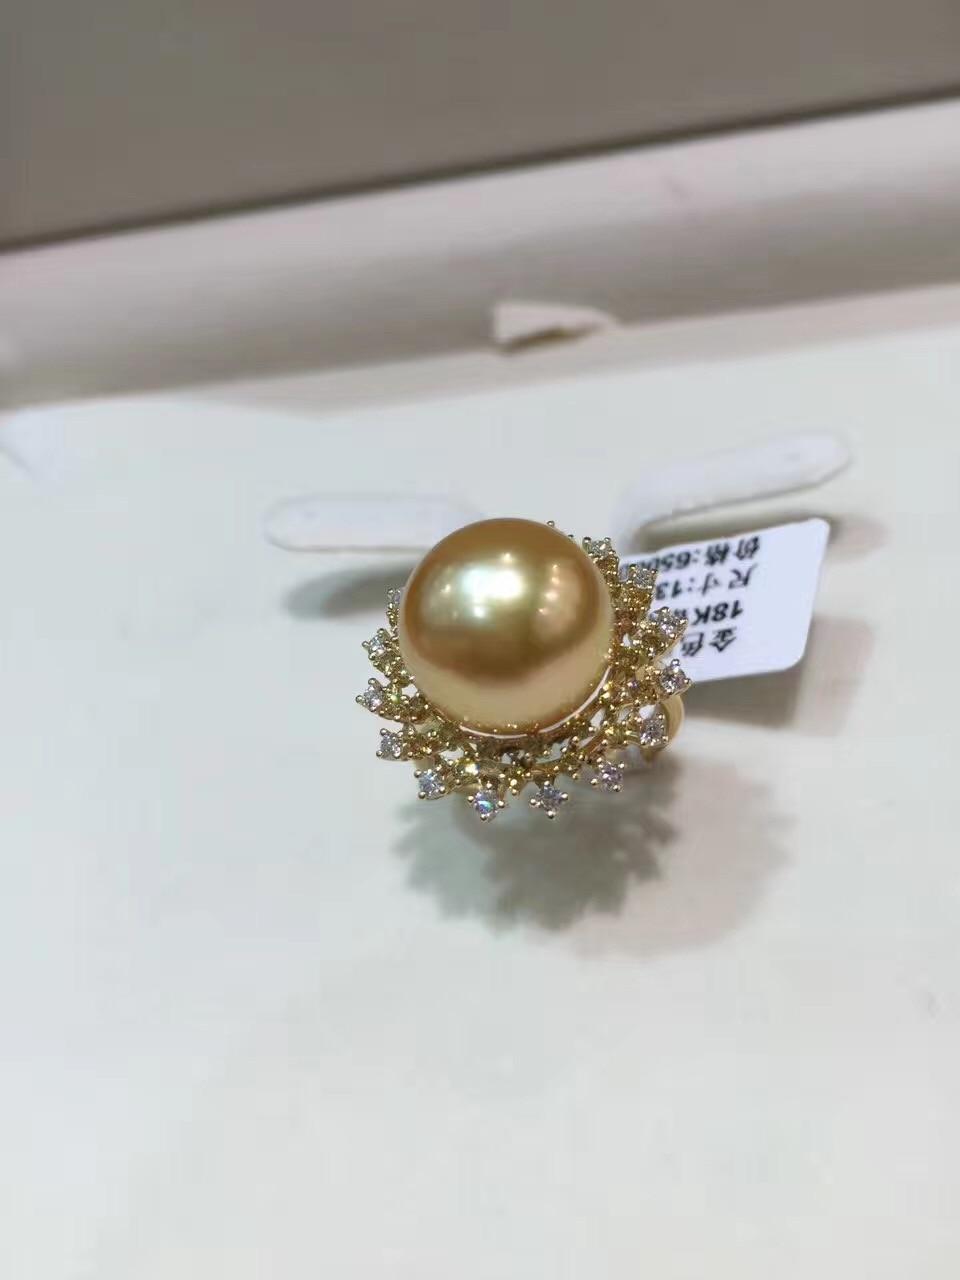 12-13MM φυσικό χρυσό δαχτυλίδι - Κοσμήματα - Φωτογραφία 3